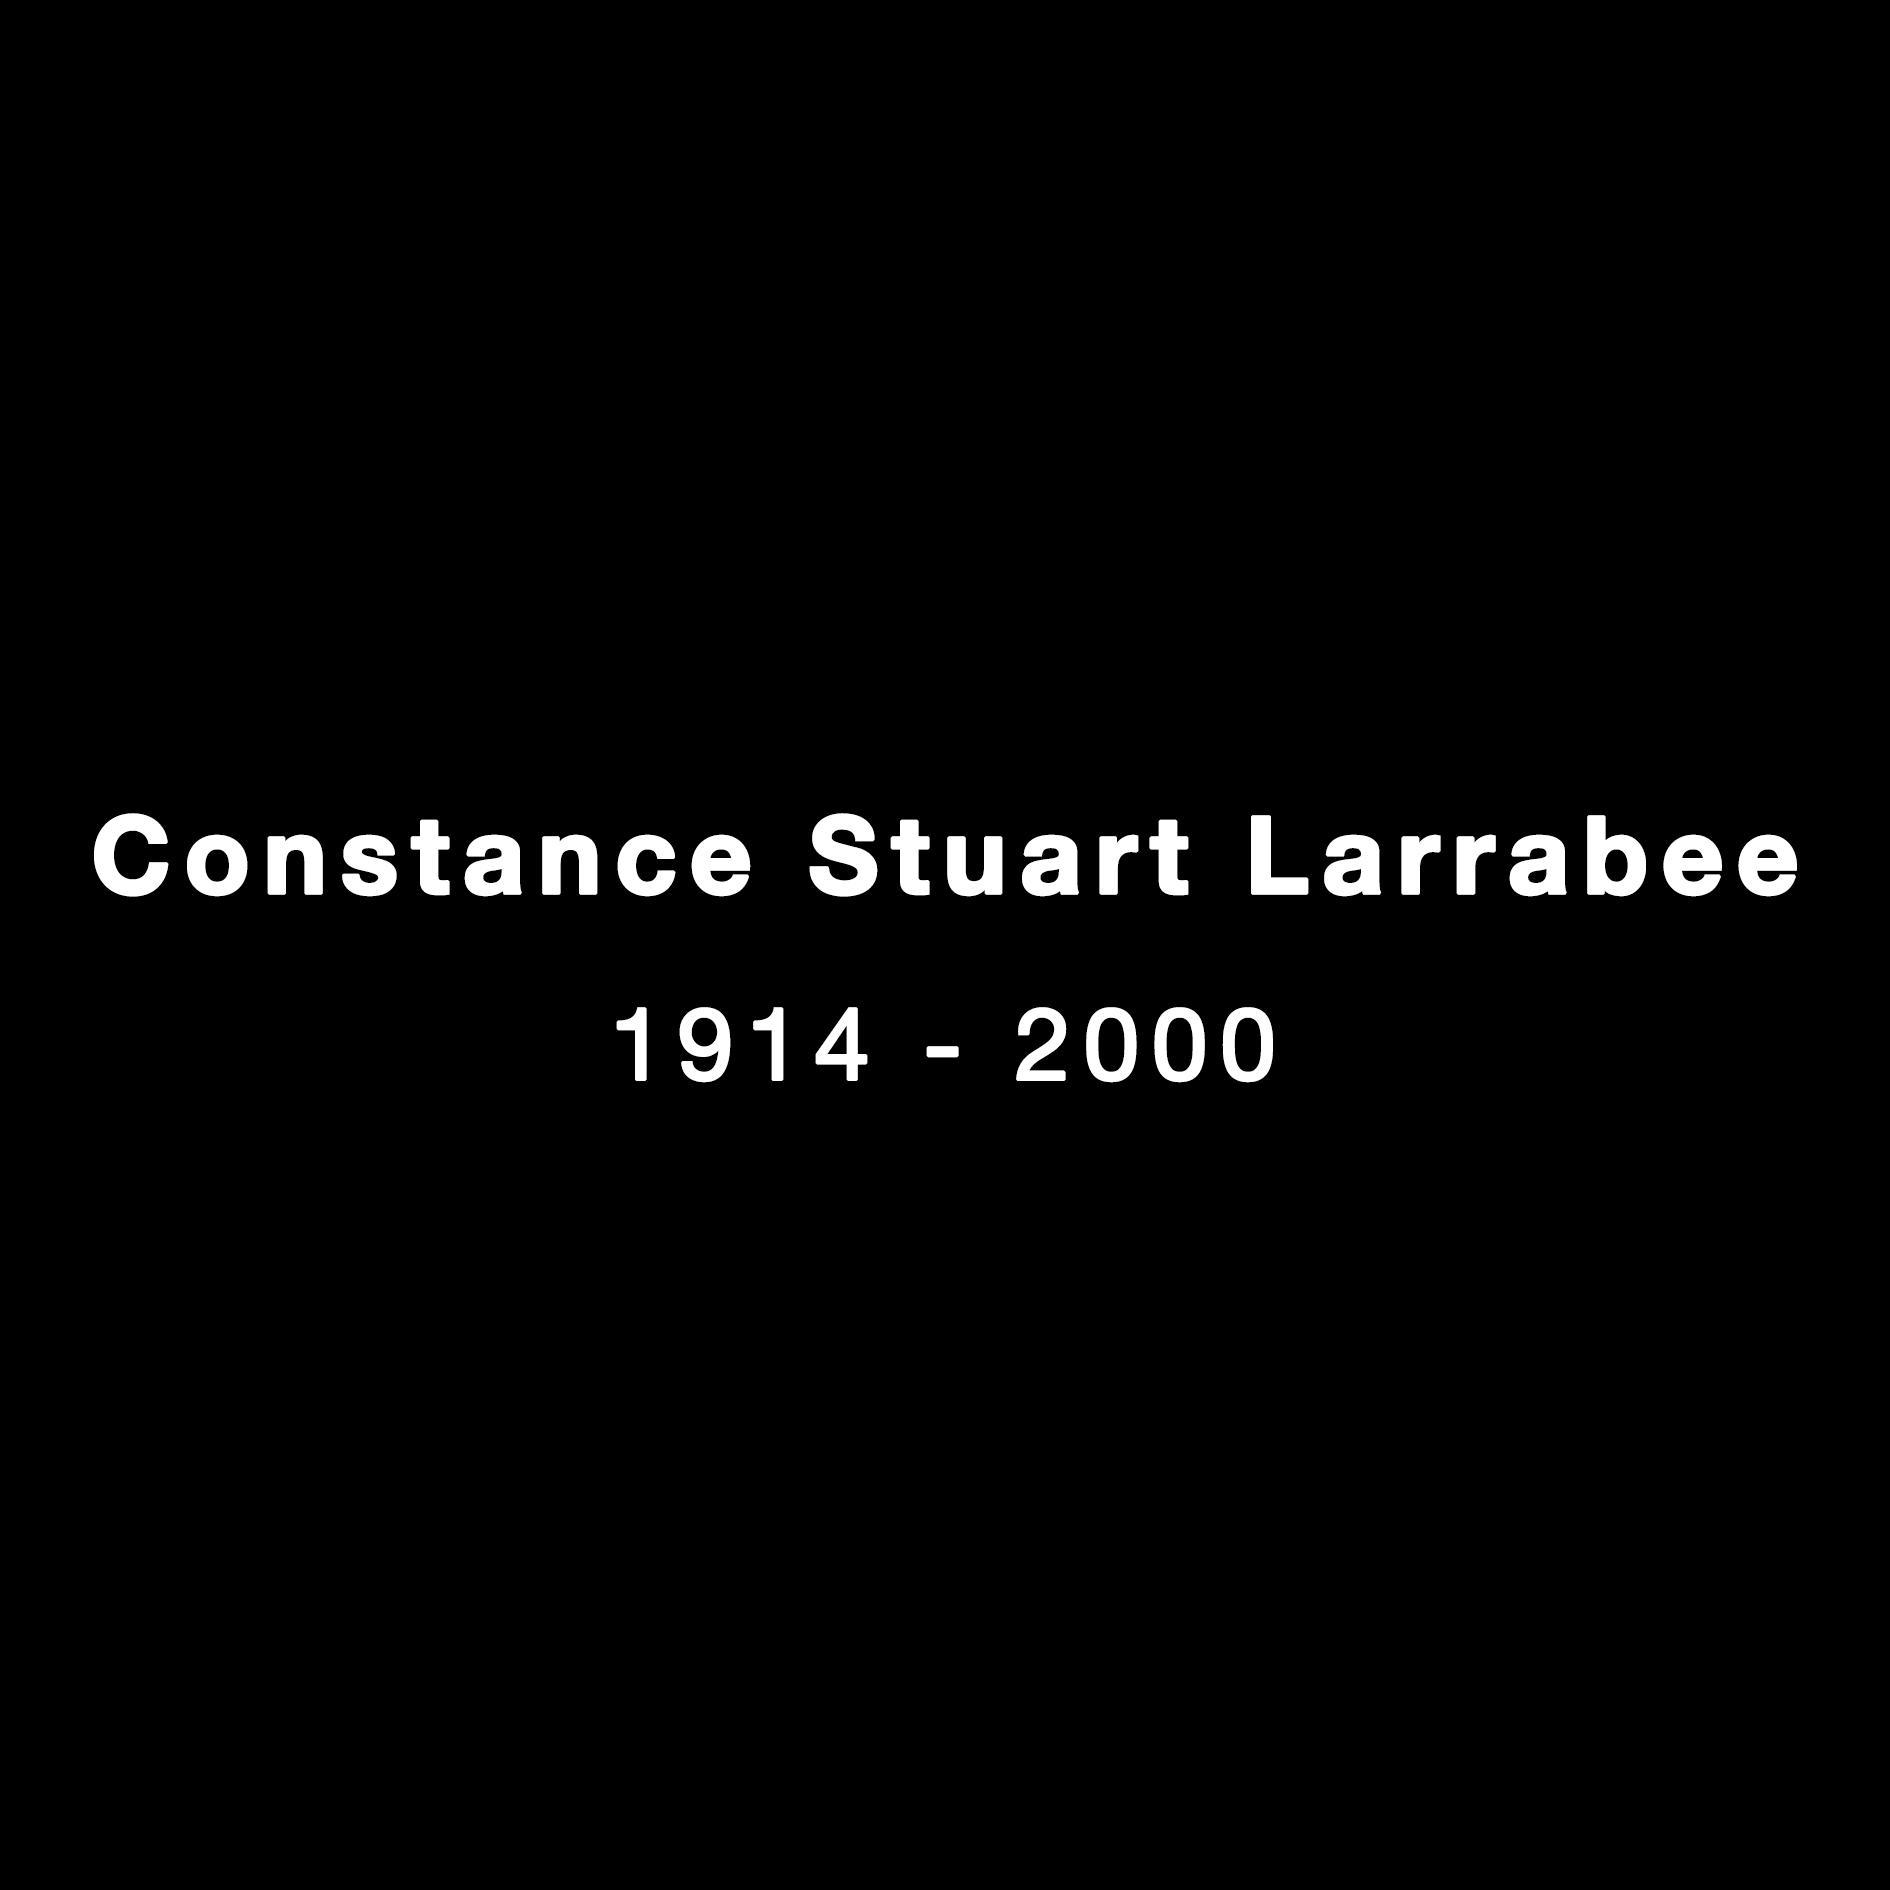 Constance Stuart Larrabee